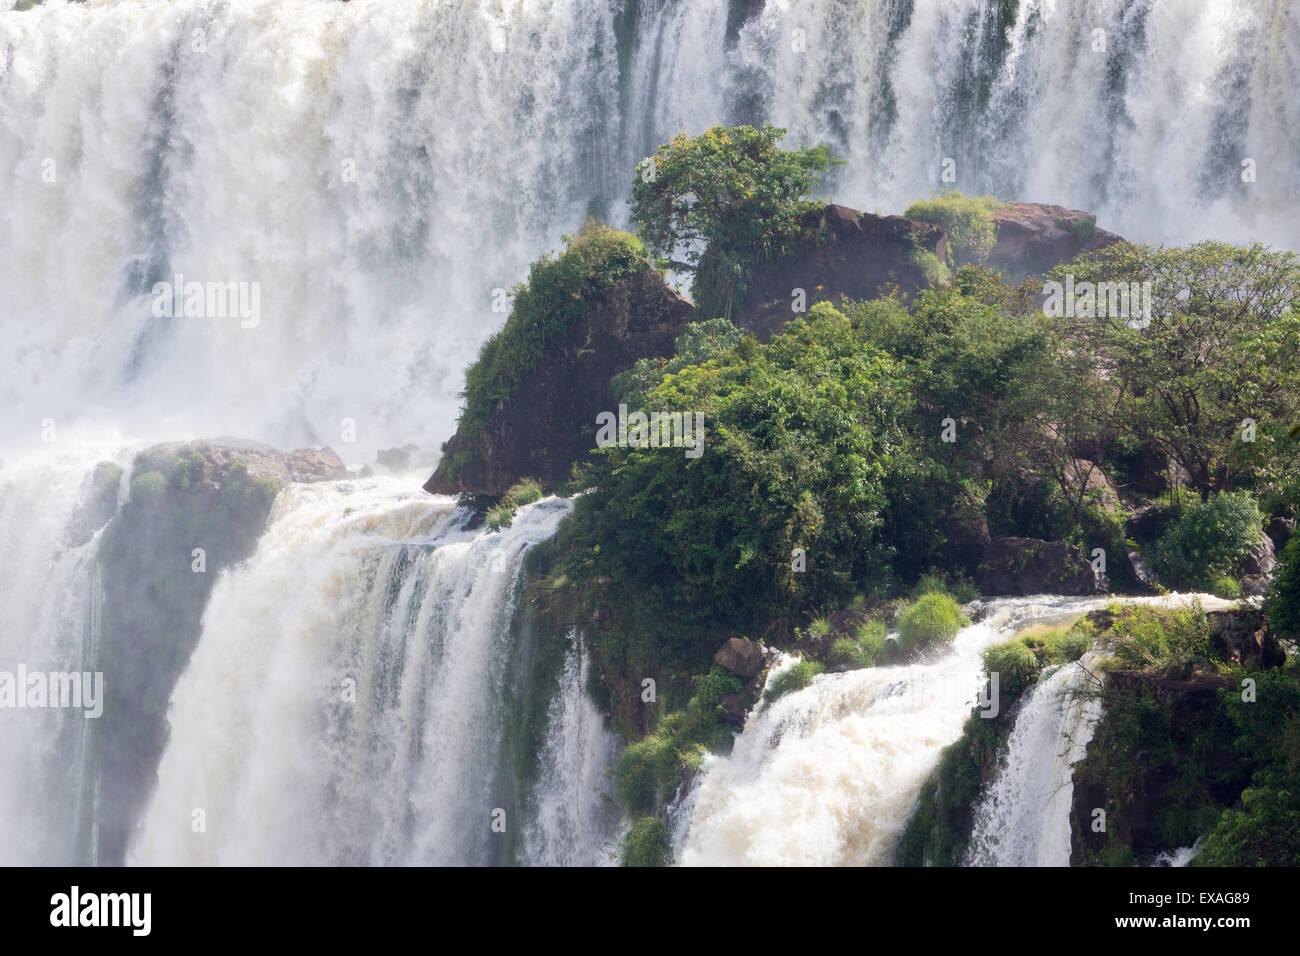 Cascadas, el Parque Nacional de Iguazú, Patrimonio Mundial de la UNESCO, Argentina, Sudamérica Foto de stock